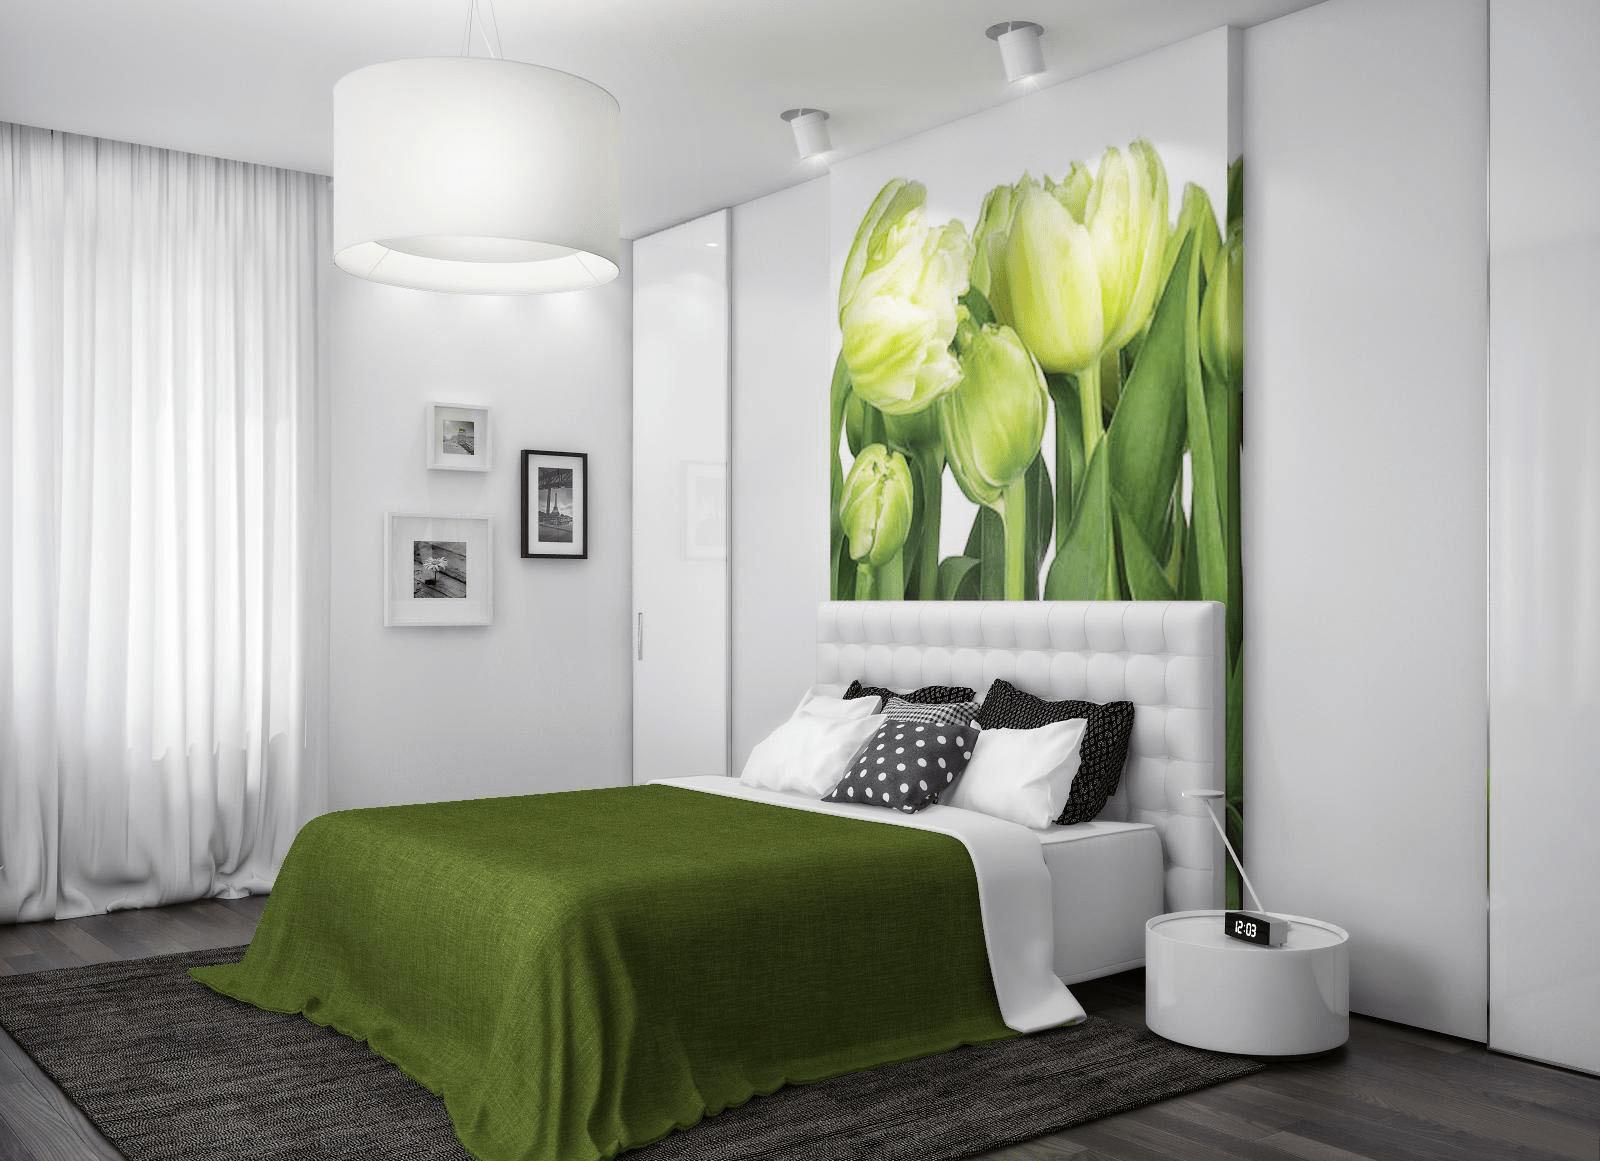 Использование зеленого цвета в спальне: релакс и гармония